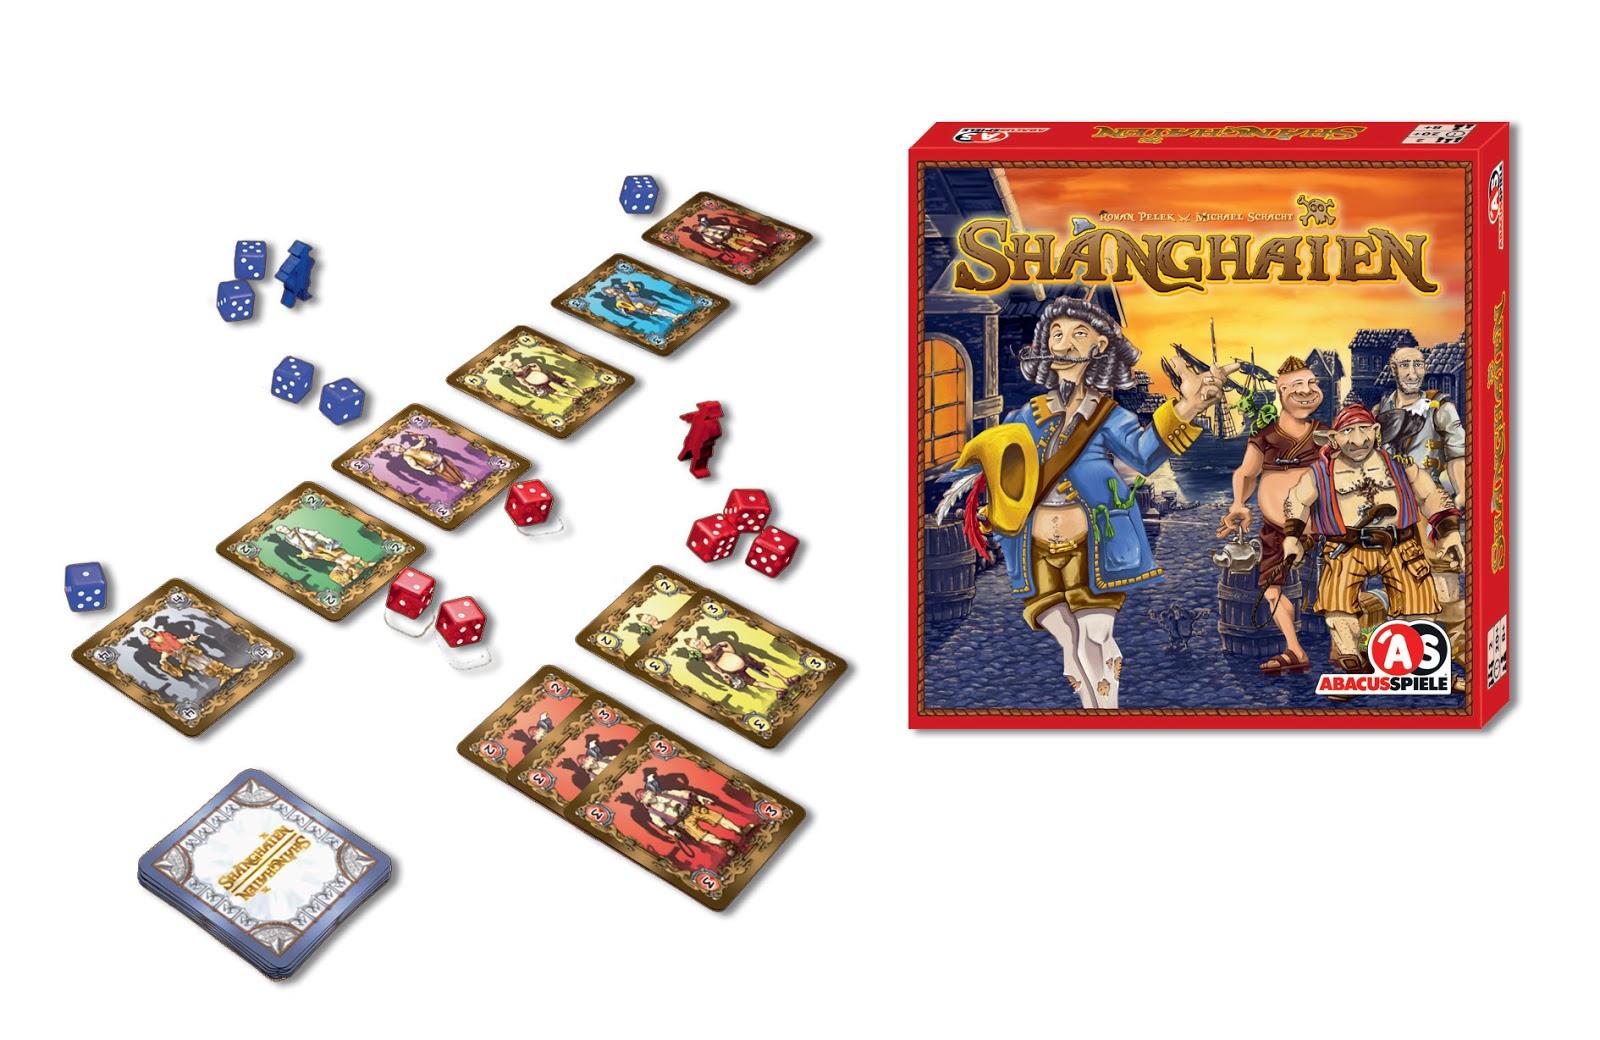 Reseña de Shanghaien, juego de dados para dos jugadores editado por Abacusspiele